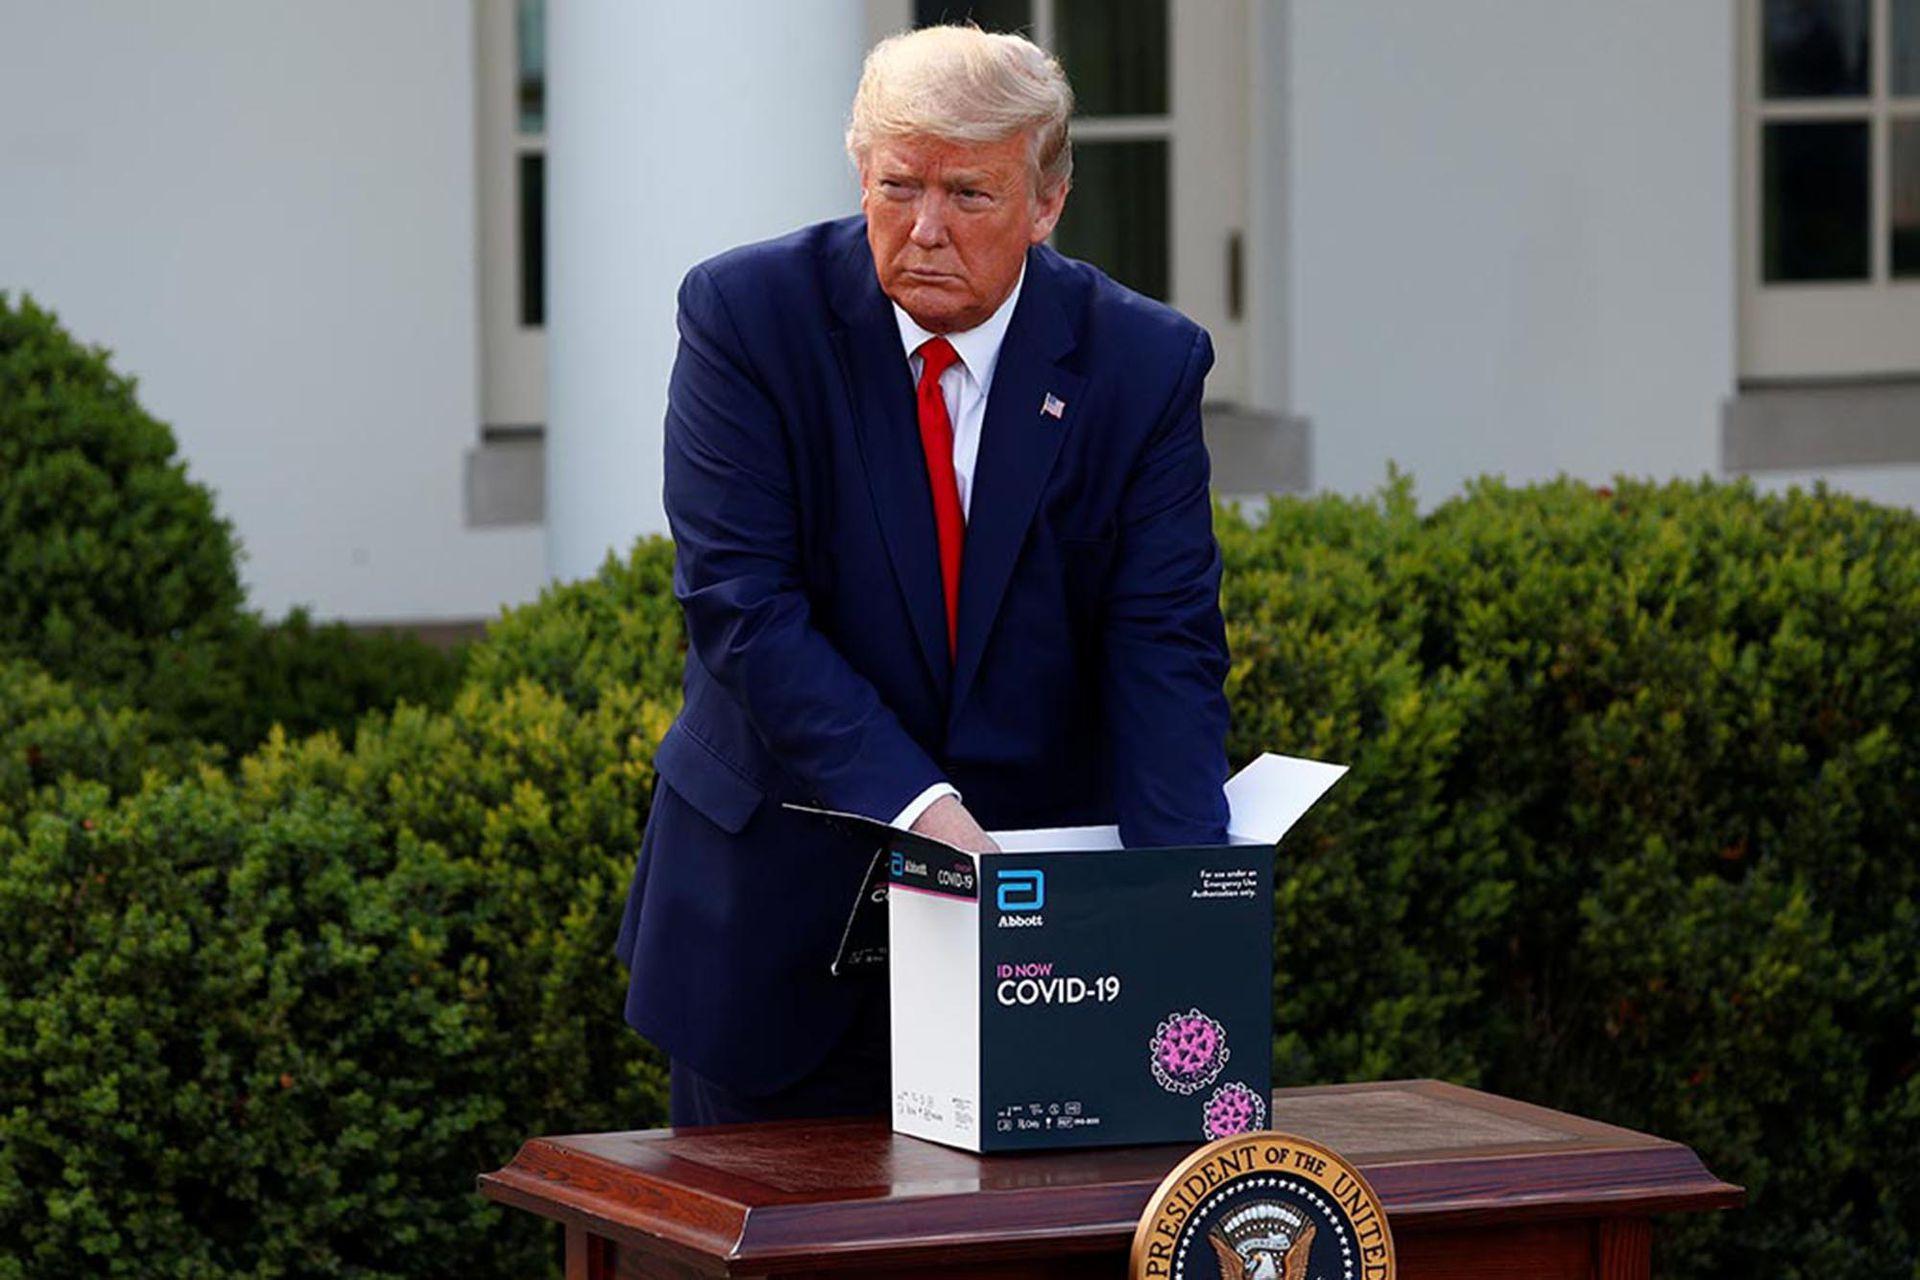 El presidente norteamericano, Donald Trump, durante una de sus conferencias de prensa sobre el avance de la pandemia; Estados Unidos ha visto crecer de modo exponencial el número de infectados